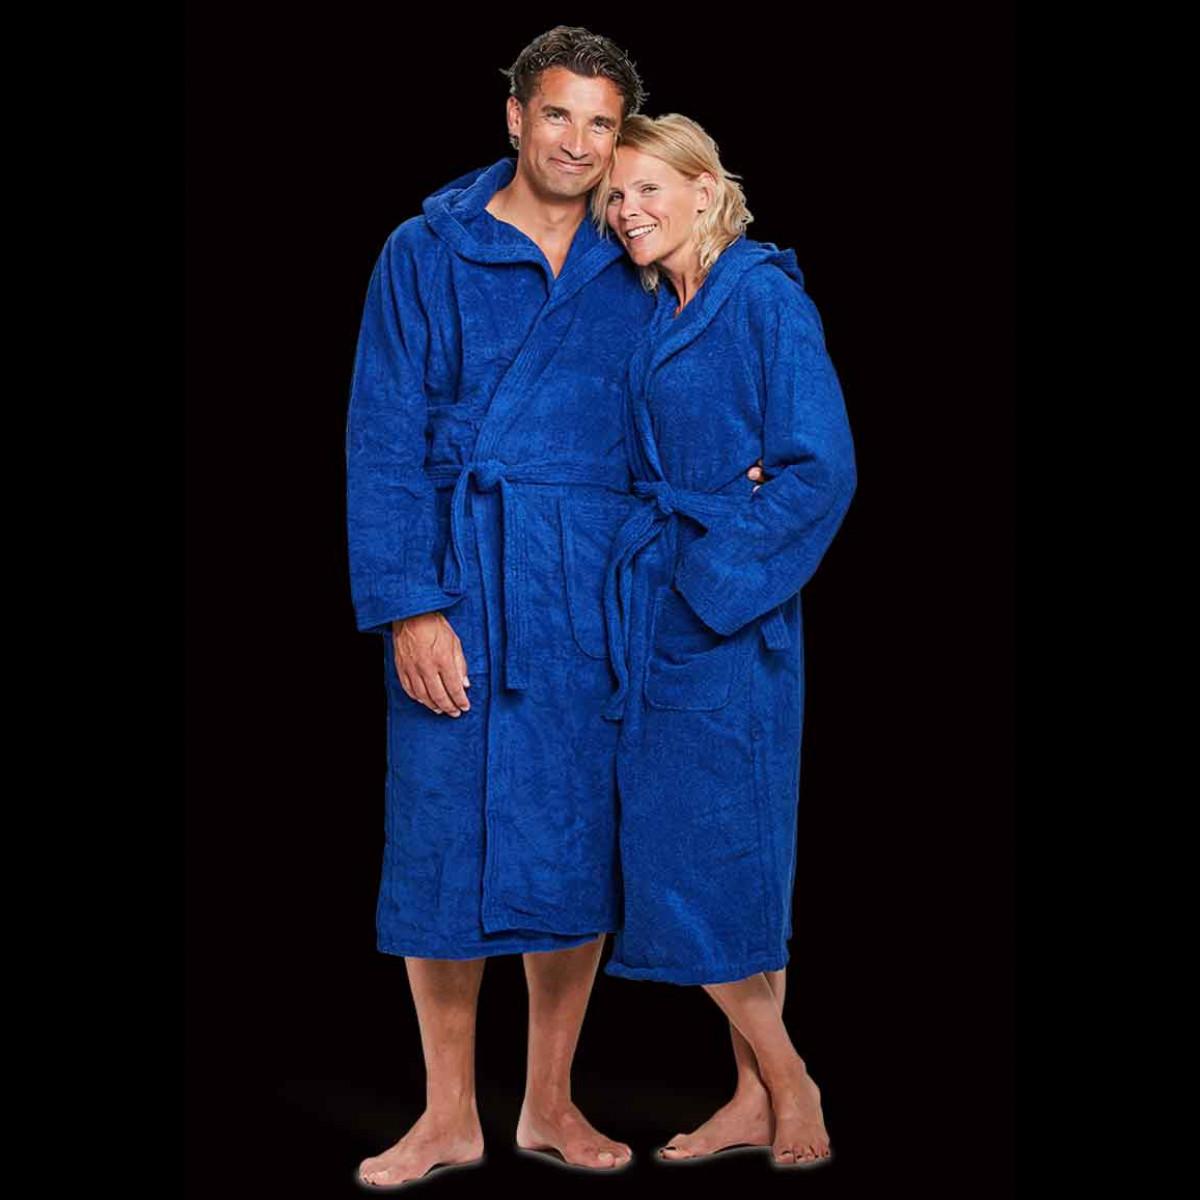 capuchon badjassen kobaltblauw